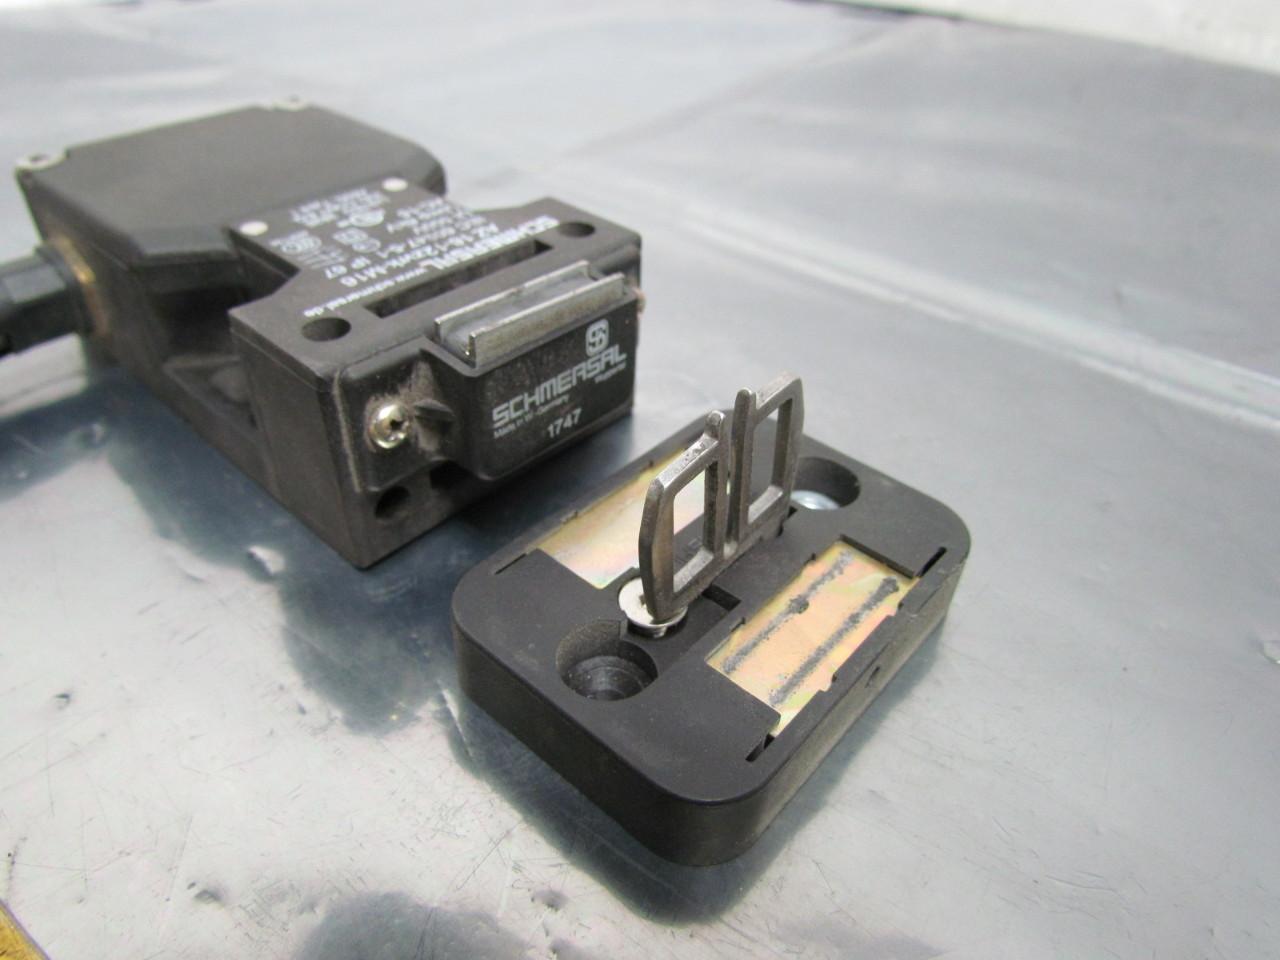 Door Switch Safety : Schmersal az zvrk m safety interlock door switch